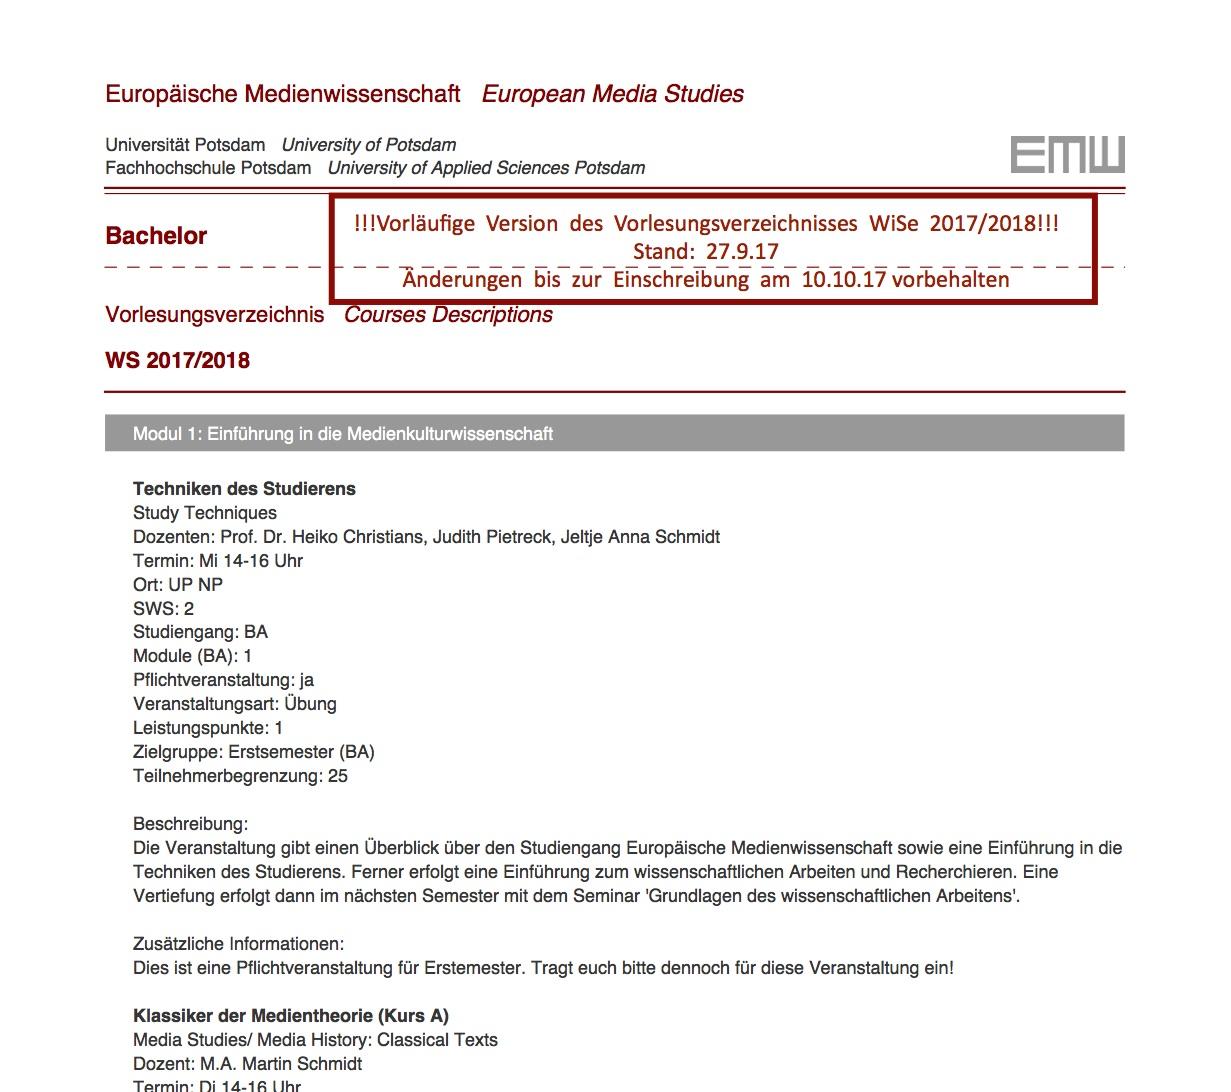 Beste Originalthema Fortsetzen Galerie - Entry Level Resume Vorlagen ...